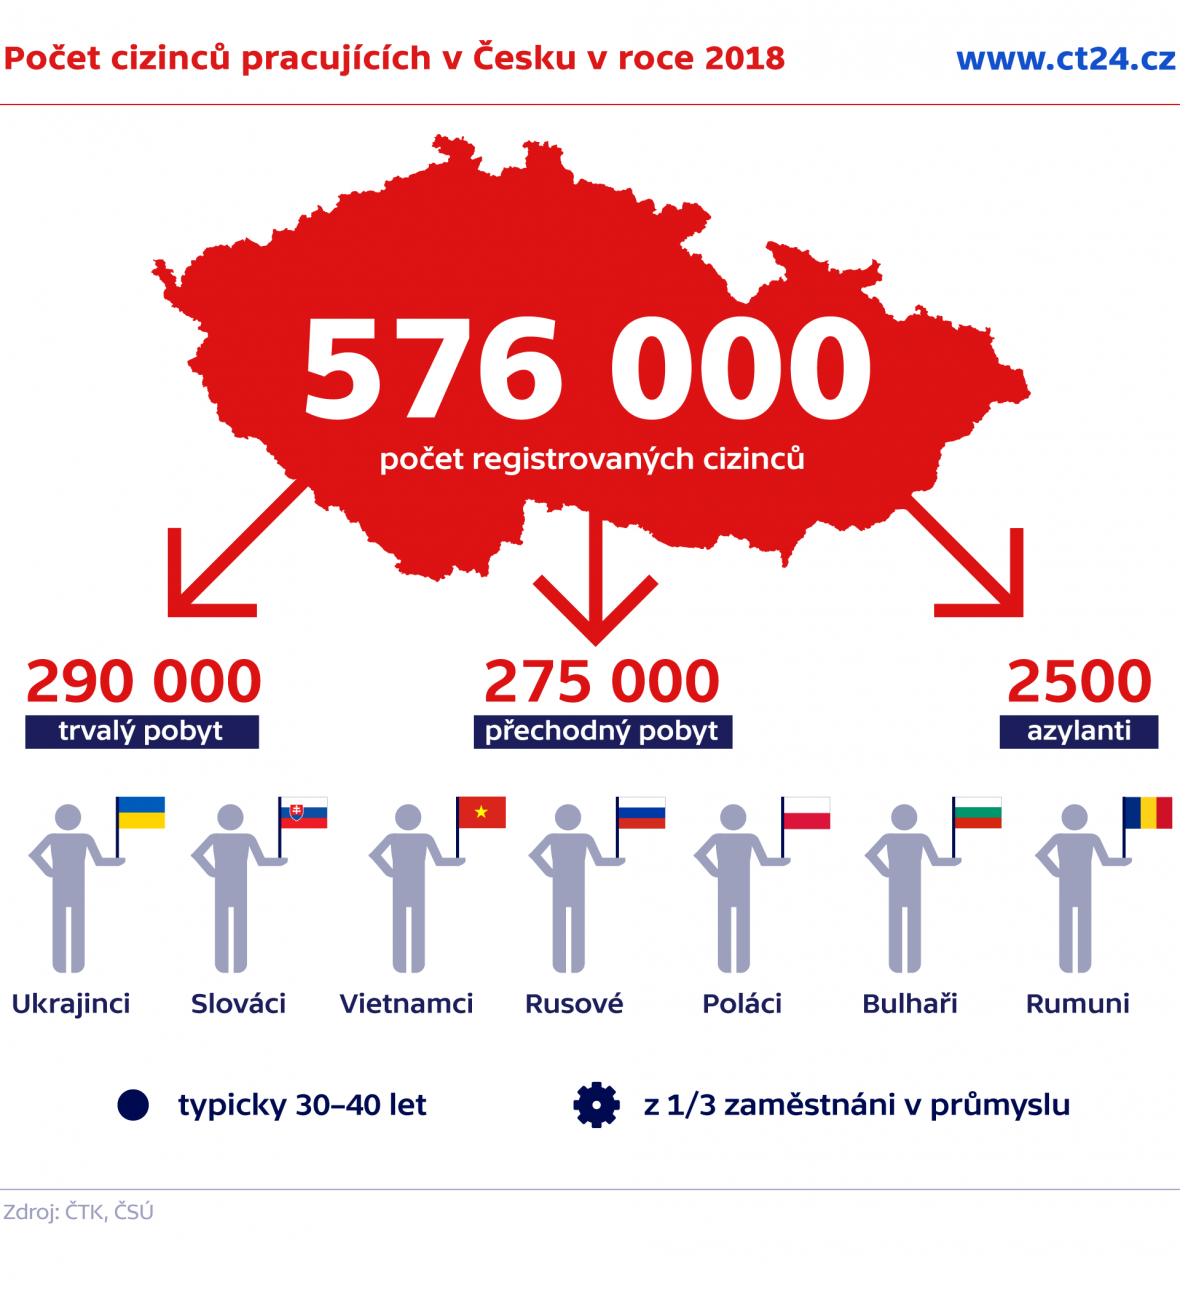 Počet cizinců pracujících v Česku v roce 2018